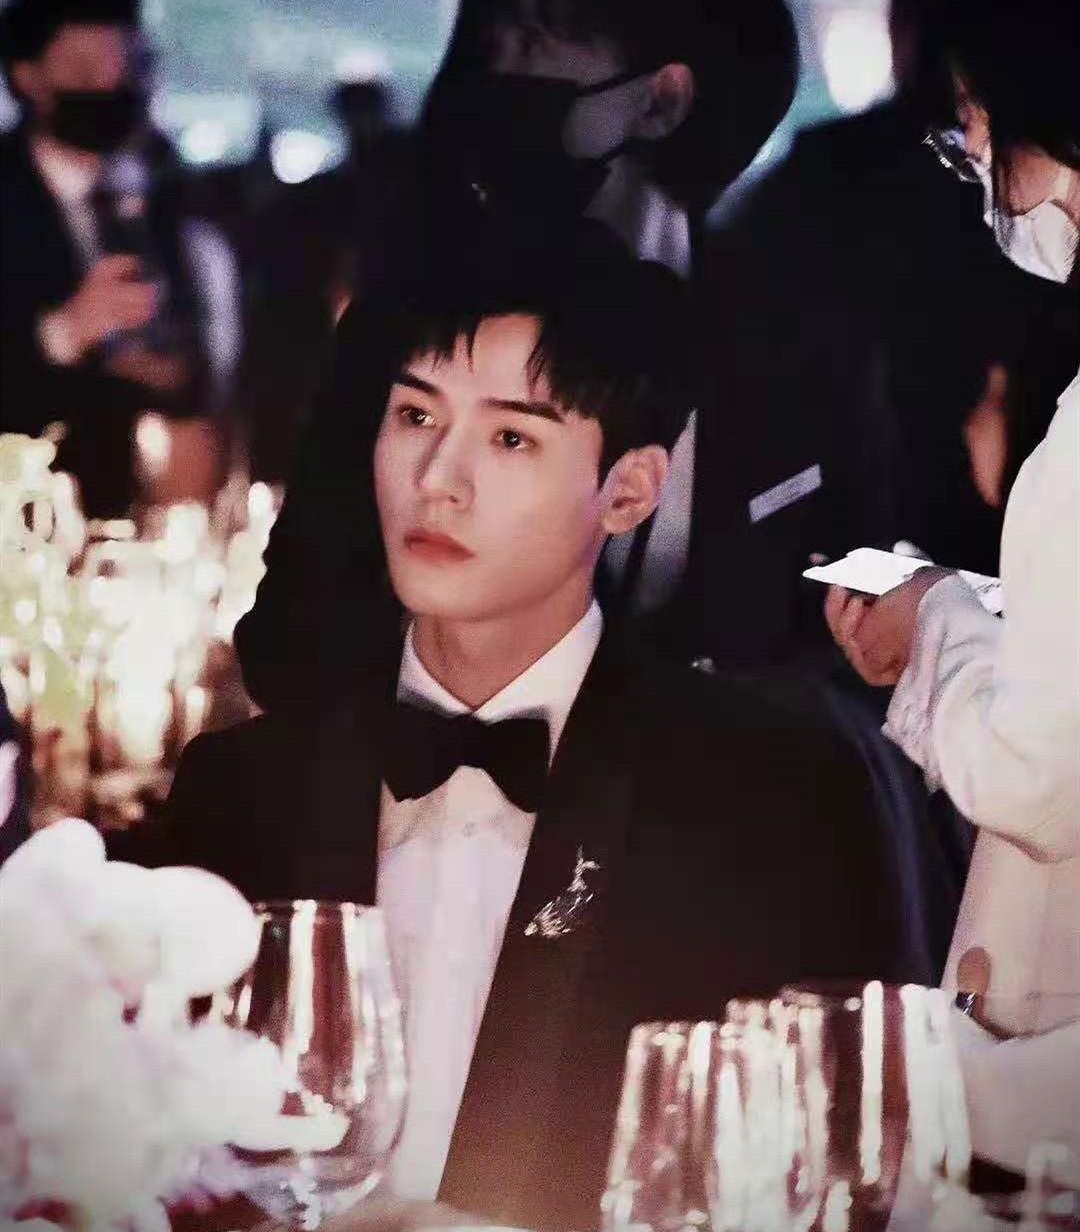 这是谁家小王子?龚俊参加蒂芙尼晚宴,禁欲黑西装太帅了